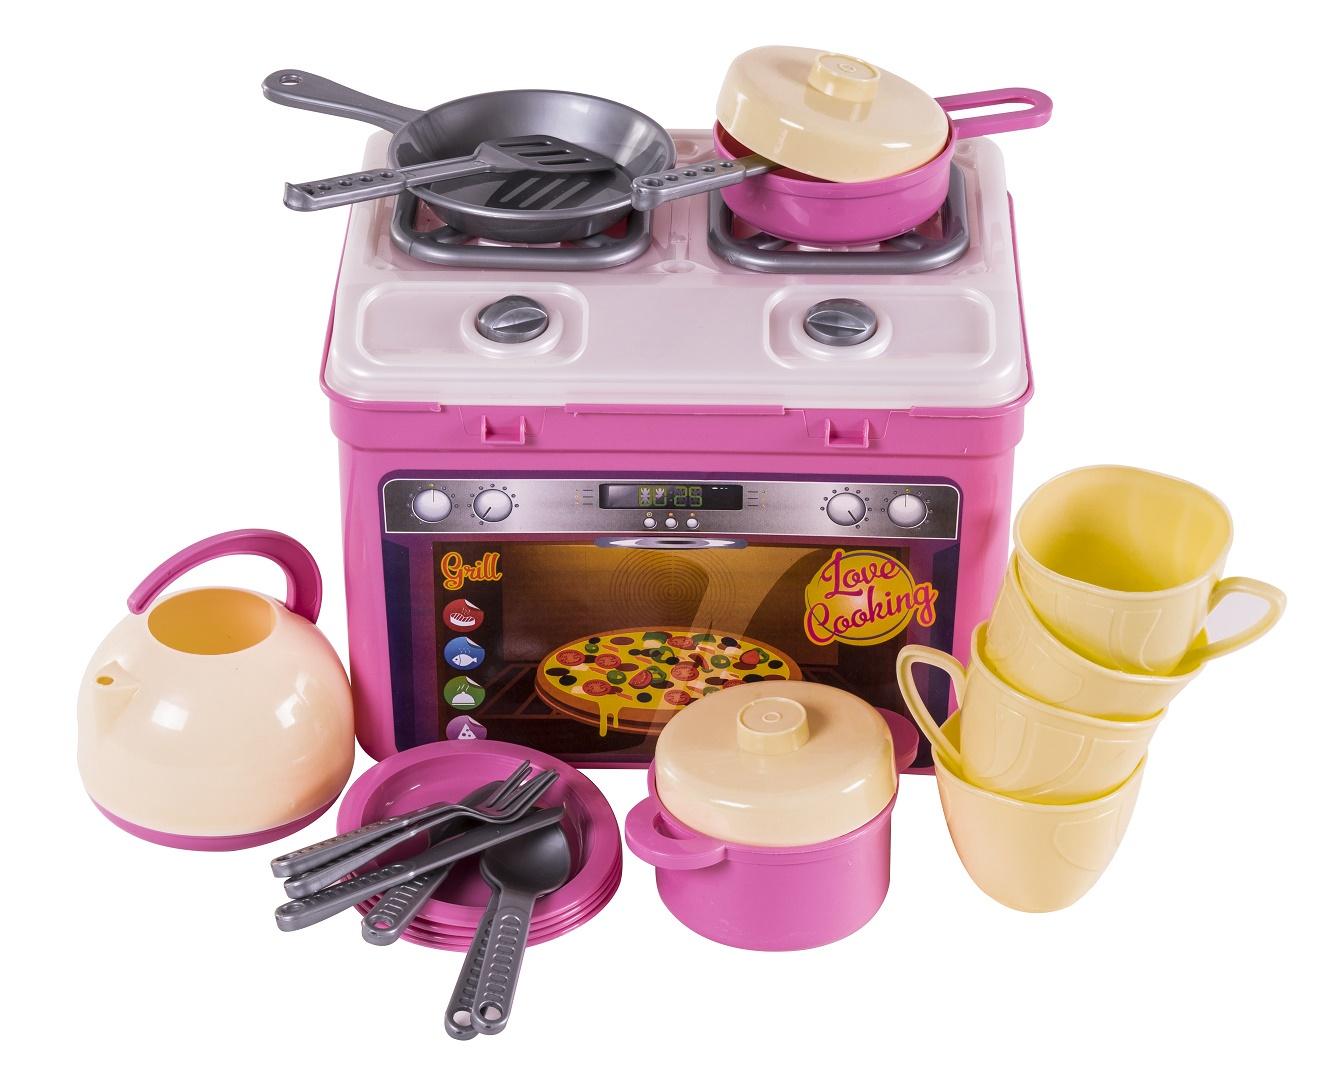 лучшая цена Сюжетно-ролевые игрушки ORION TOYS Кухня Адель 816 с набором посуды, 1156241